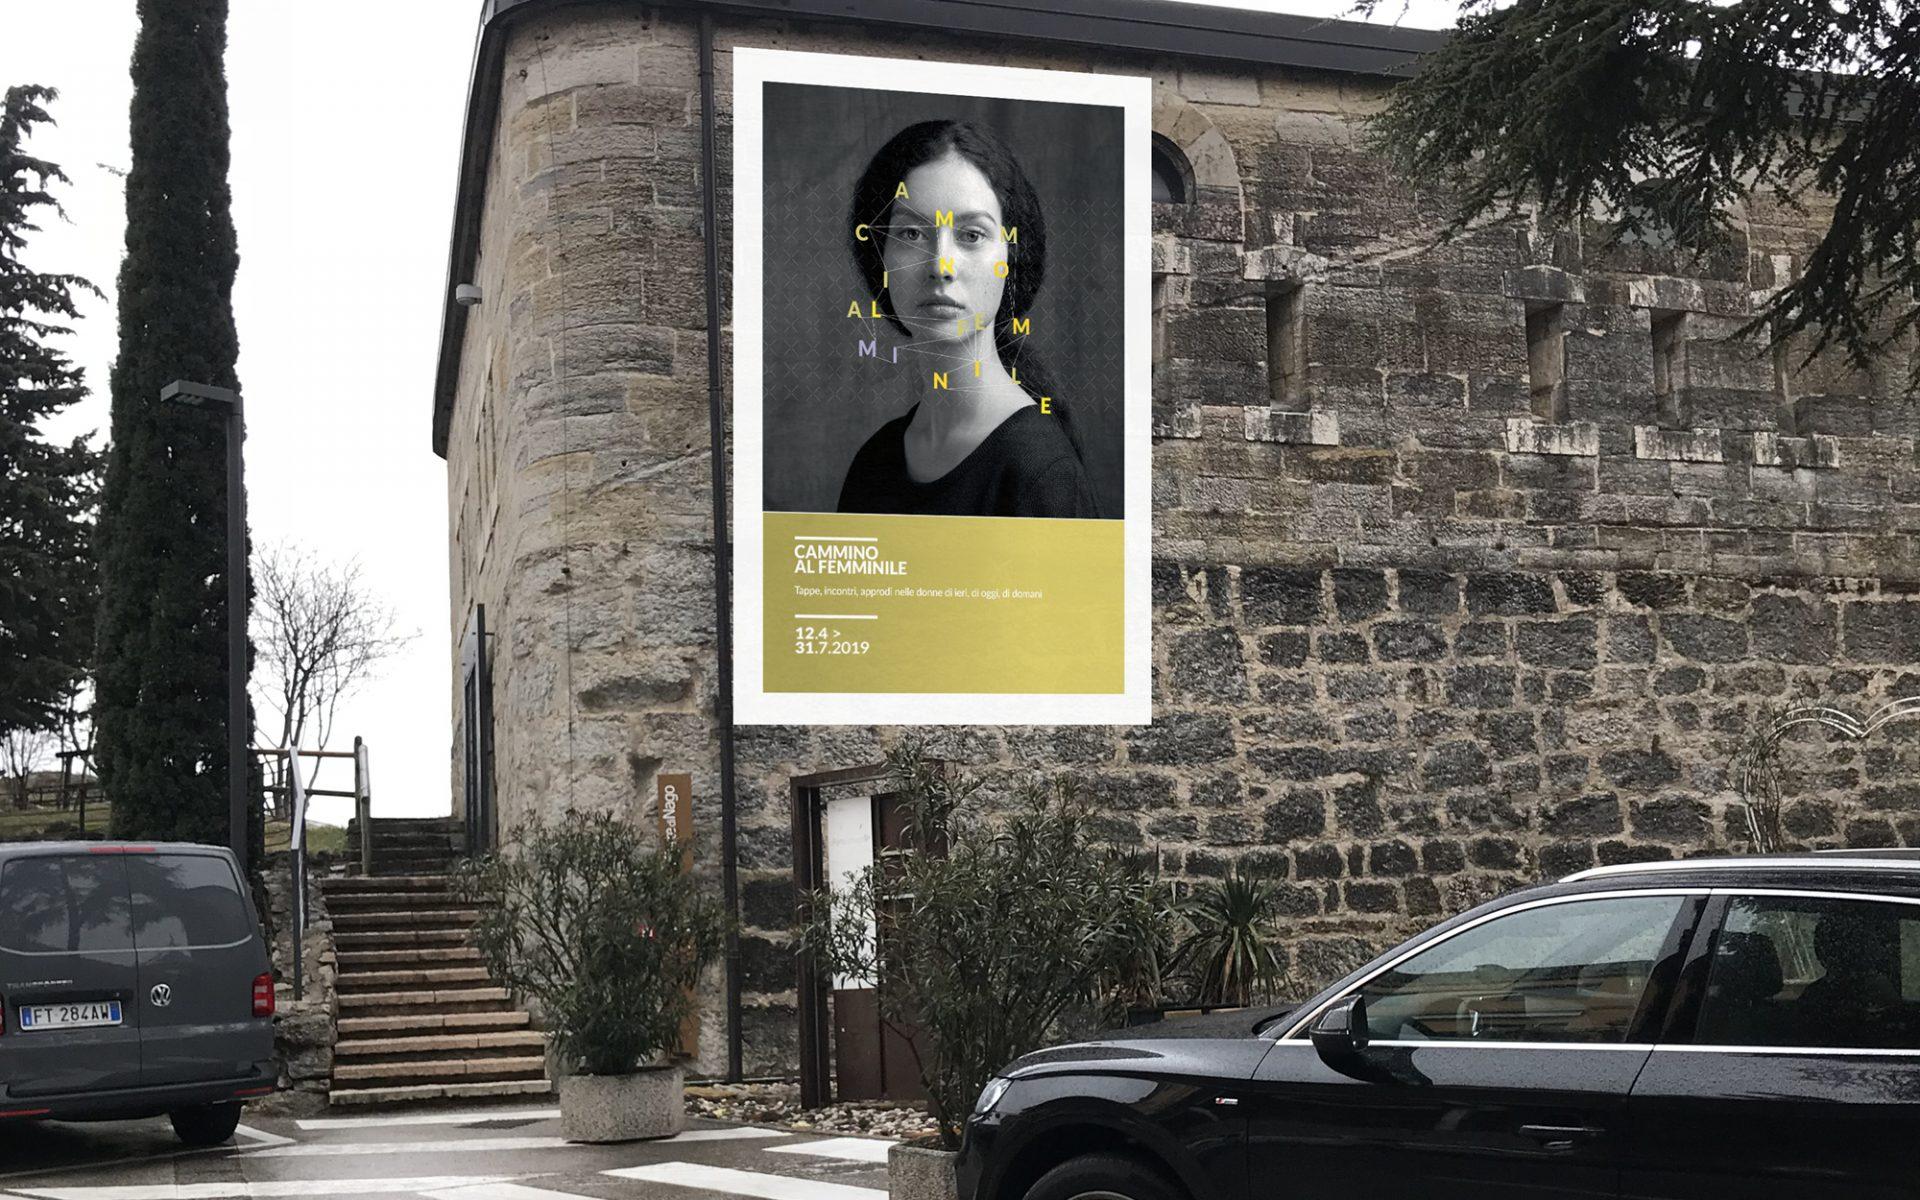 stendardo segnaletico progettato dallo studio di comunicazione Diadestudio per la mostra di arte al femminile Ars Foemina